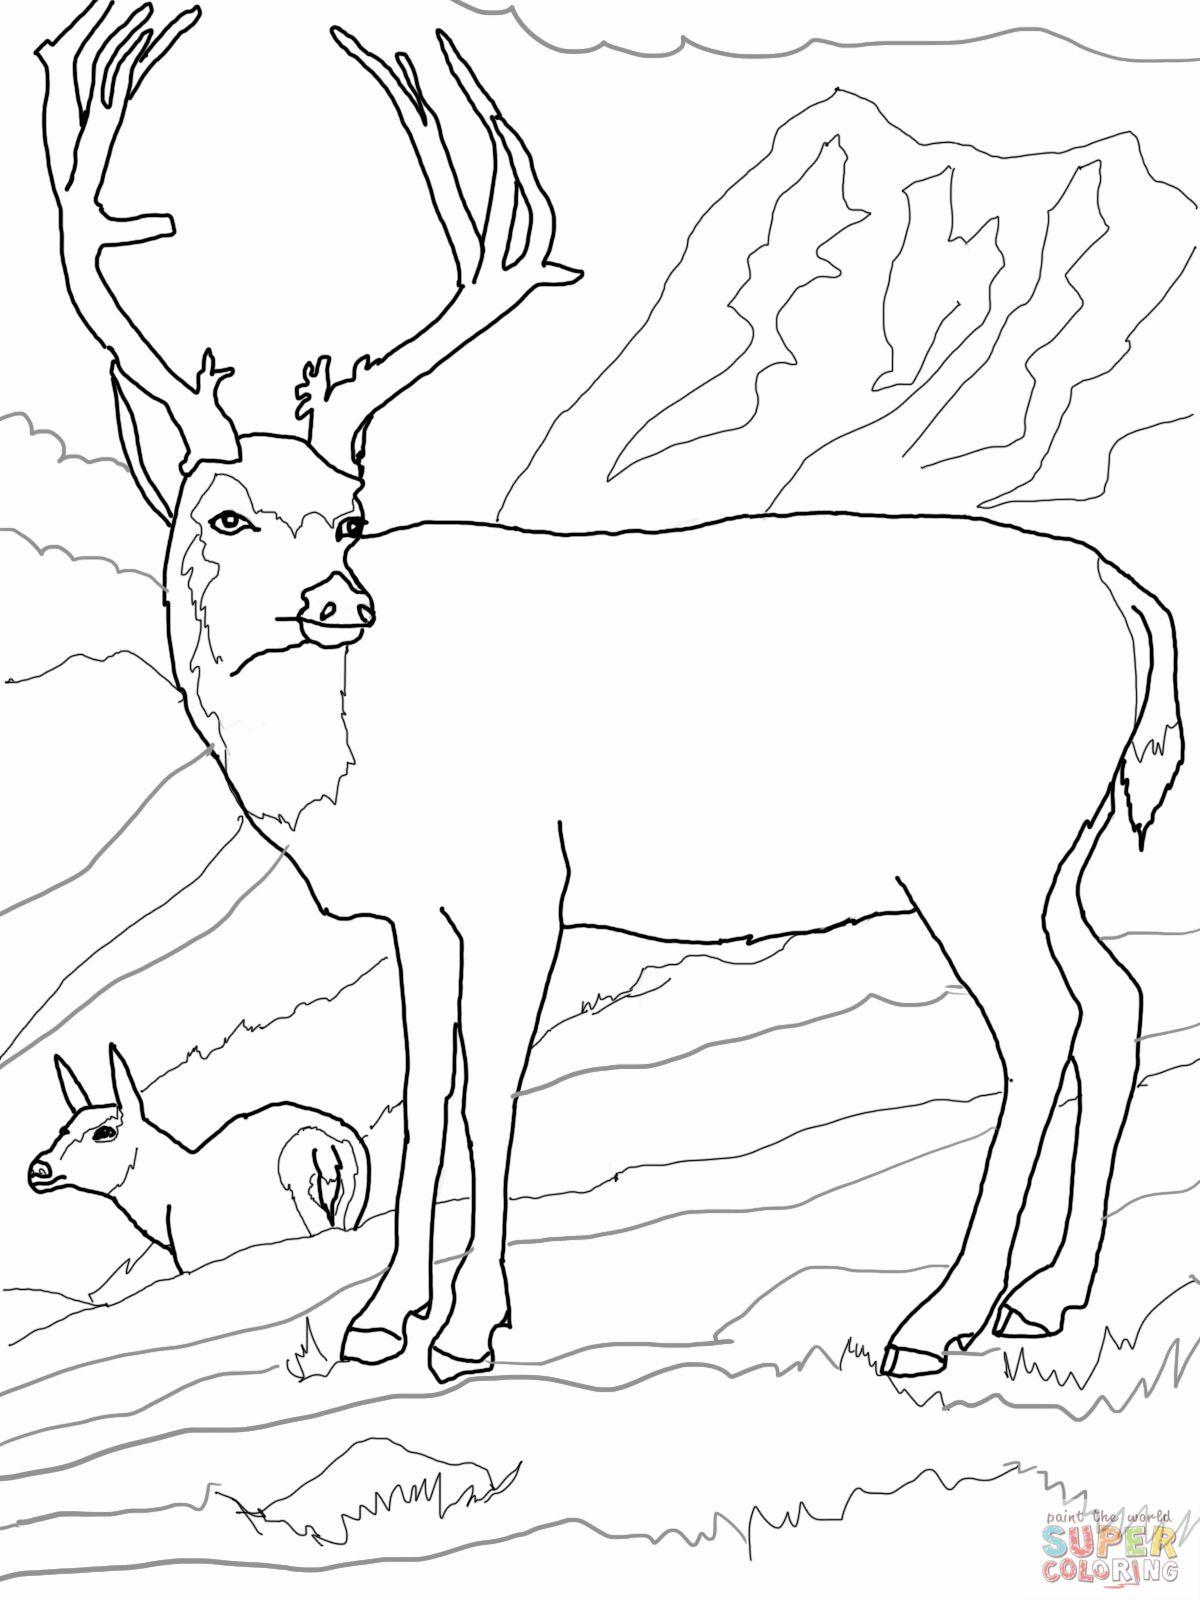 34++ Supercoloring reindeer ideas in 2021